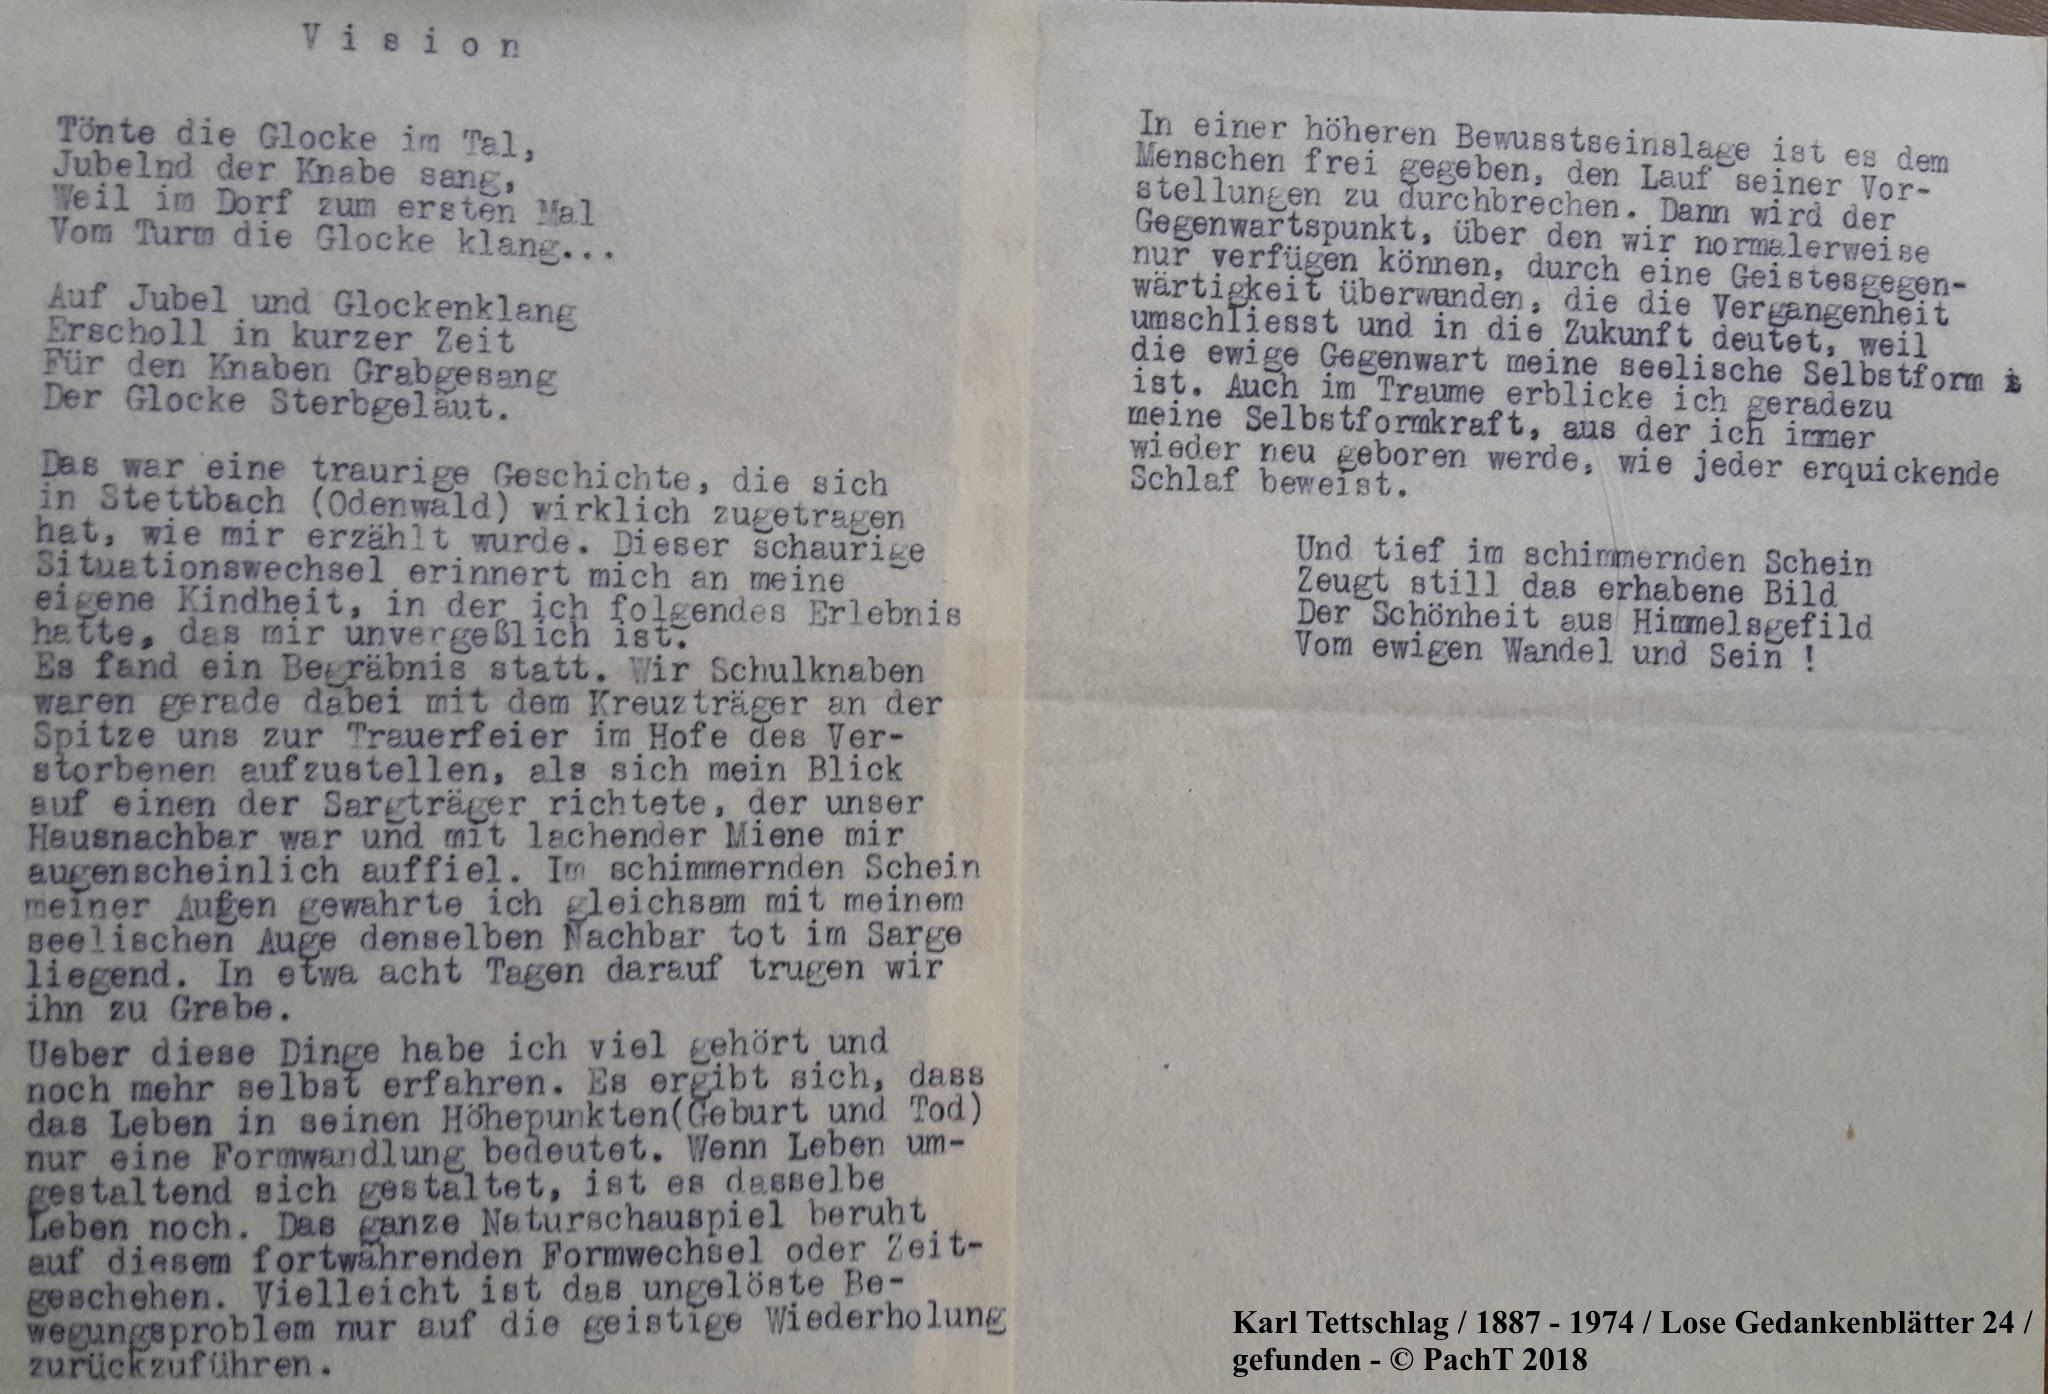 1887 - 1974 Erinnerungen an meinen Opa _ Lose GedankenBlätter 24